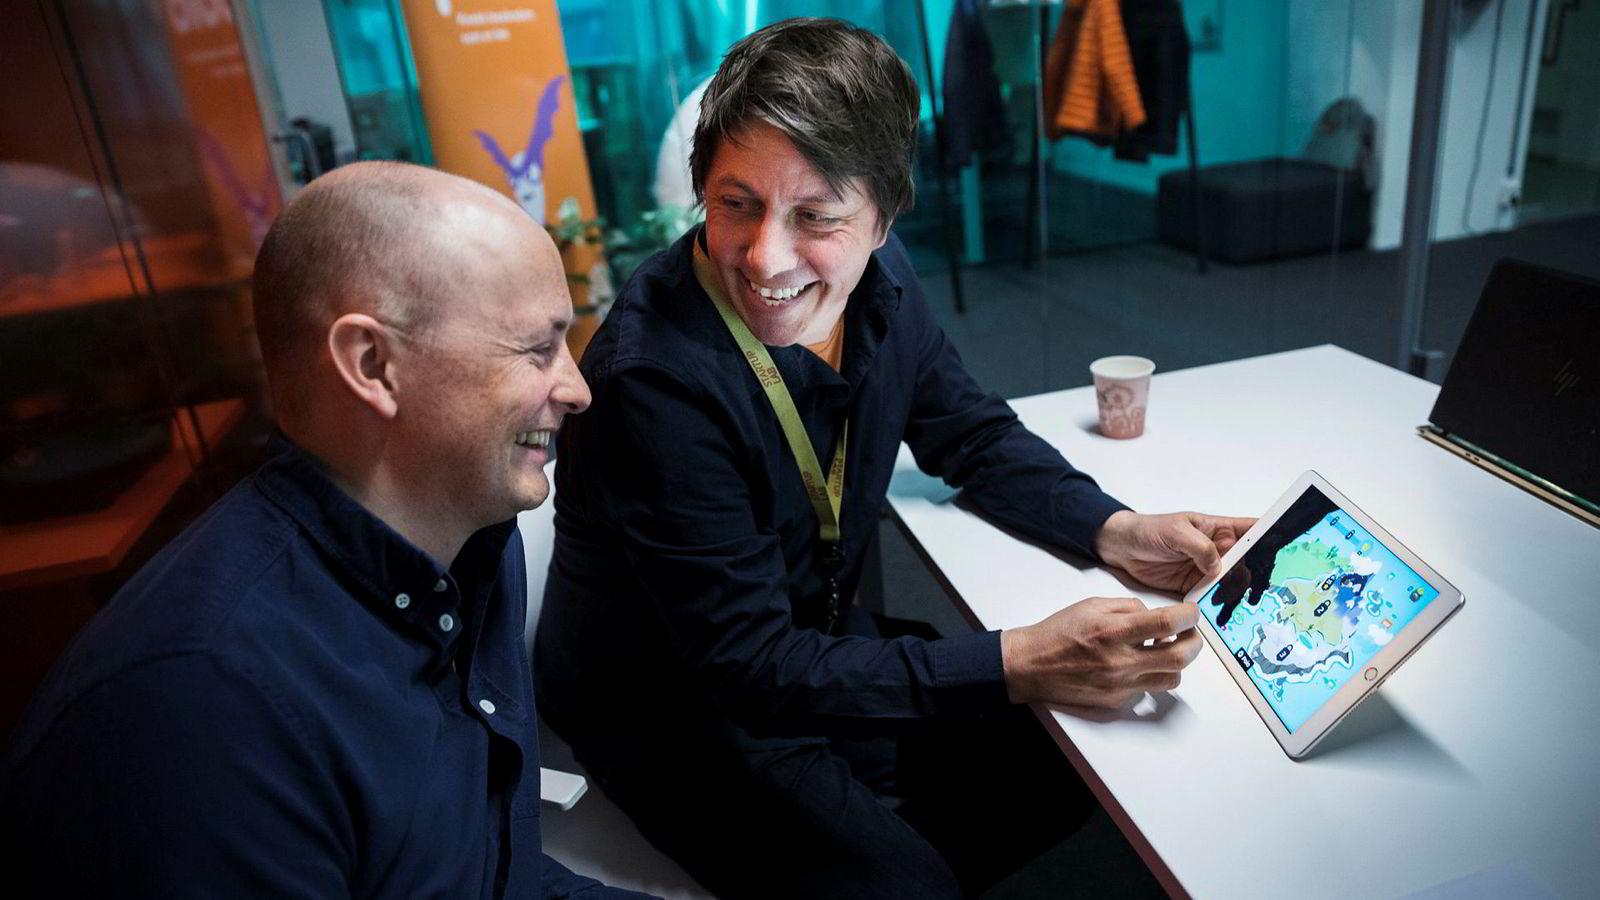 Christian Horn Hanssen i Schibsted Growth Norway skal bidra med penger og nettverk så gründer Daniel Senn kan lære barn i Sverige og Danmark å lese gjennom lek.